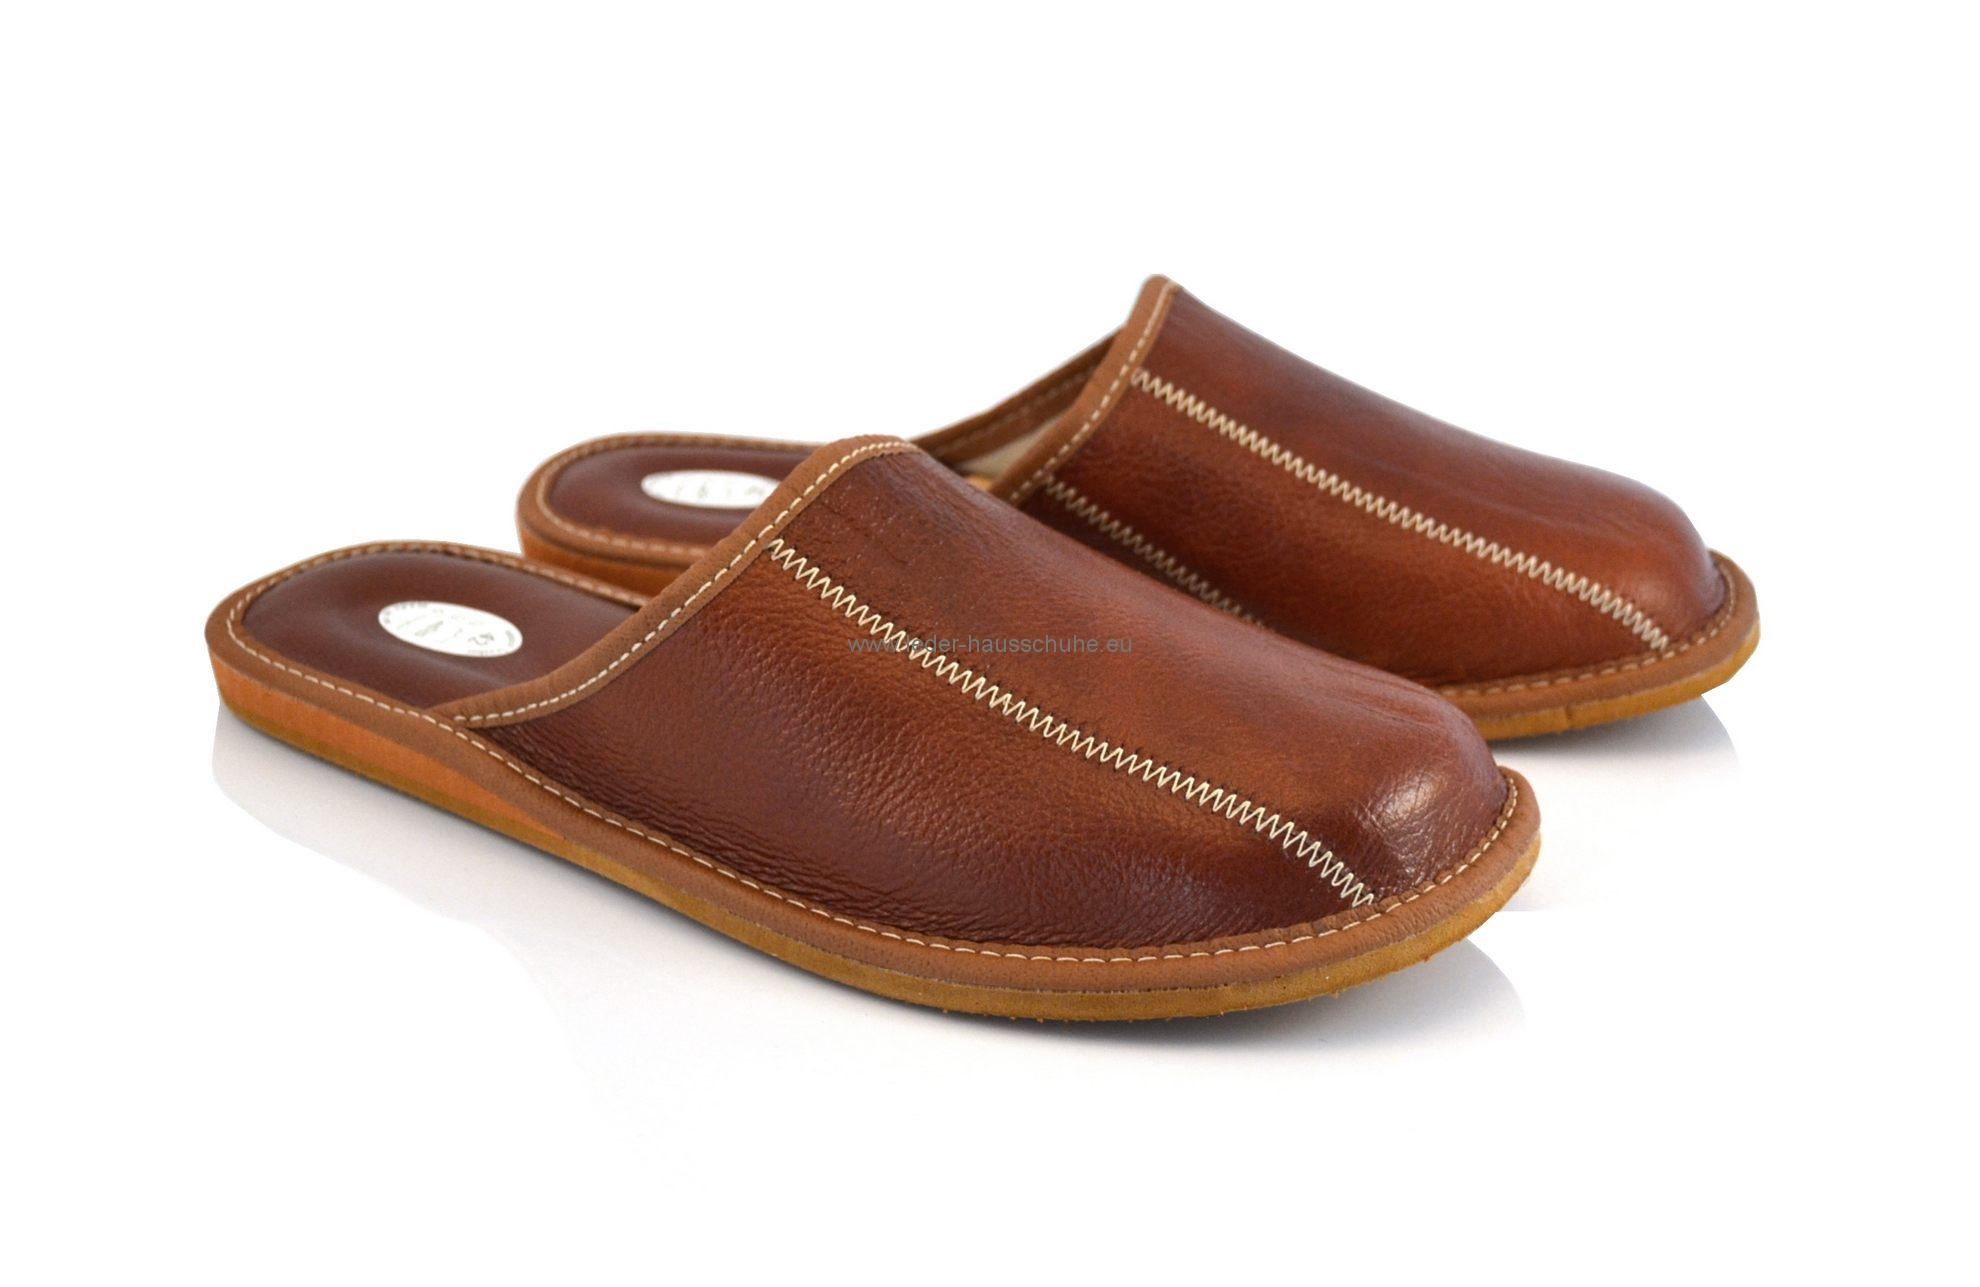 Outlet zu verkaufen Rabatt bis zu 60% online Herren Leder Hausschuh - Braun Pantoletten (338-pm)